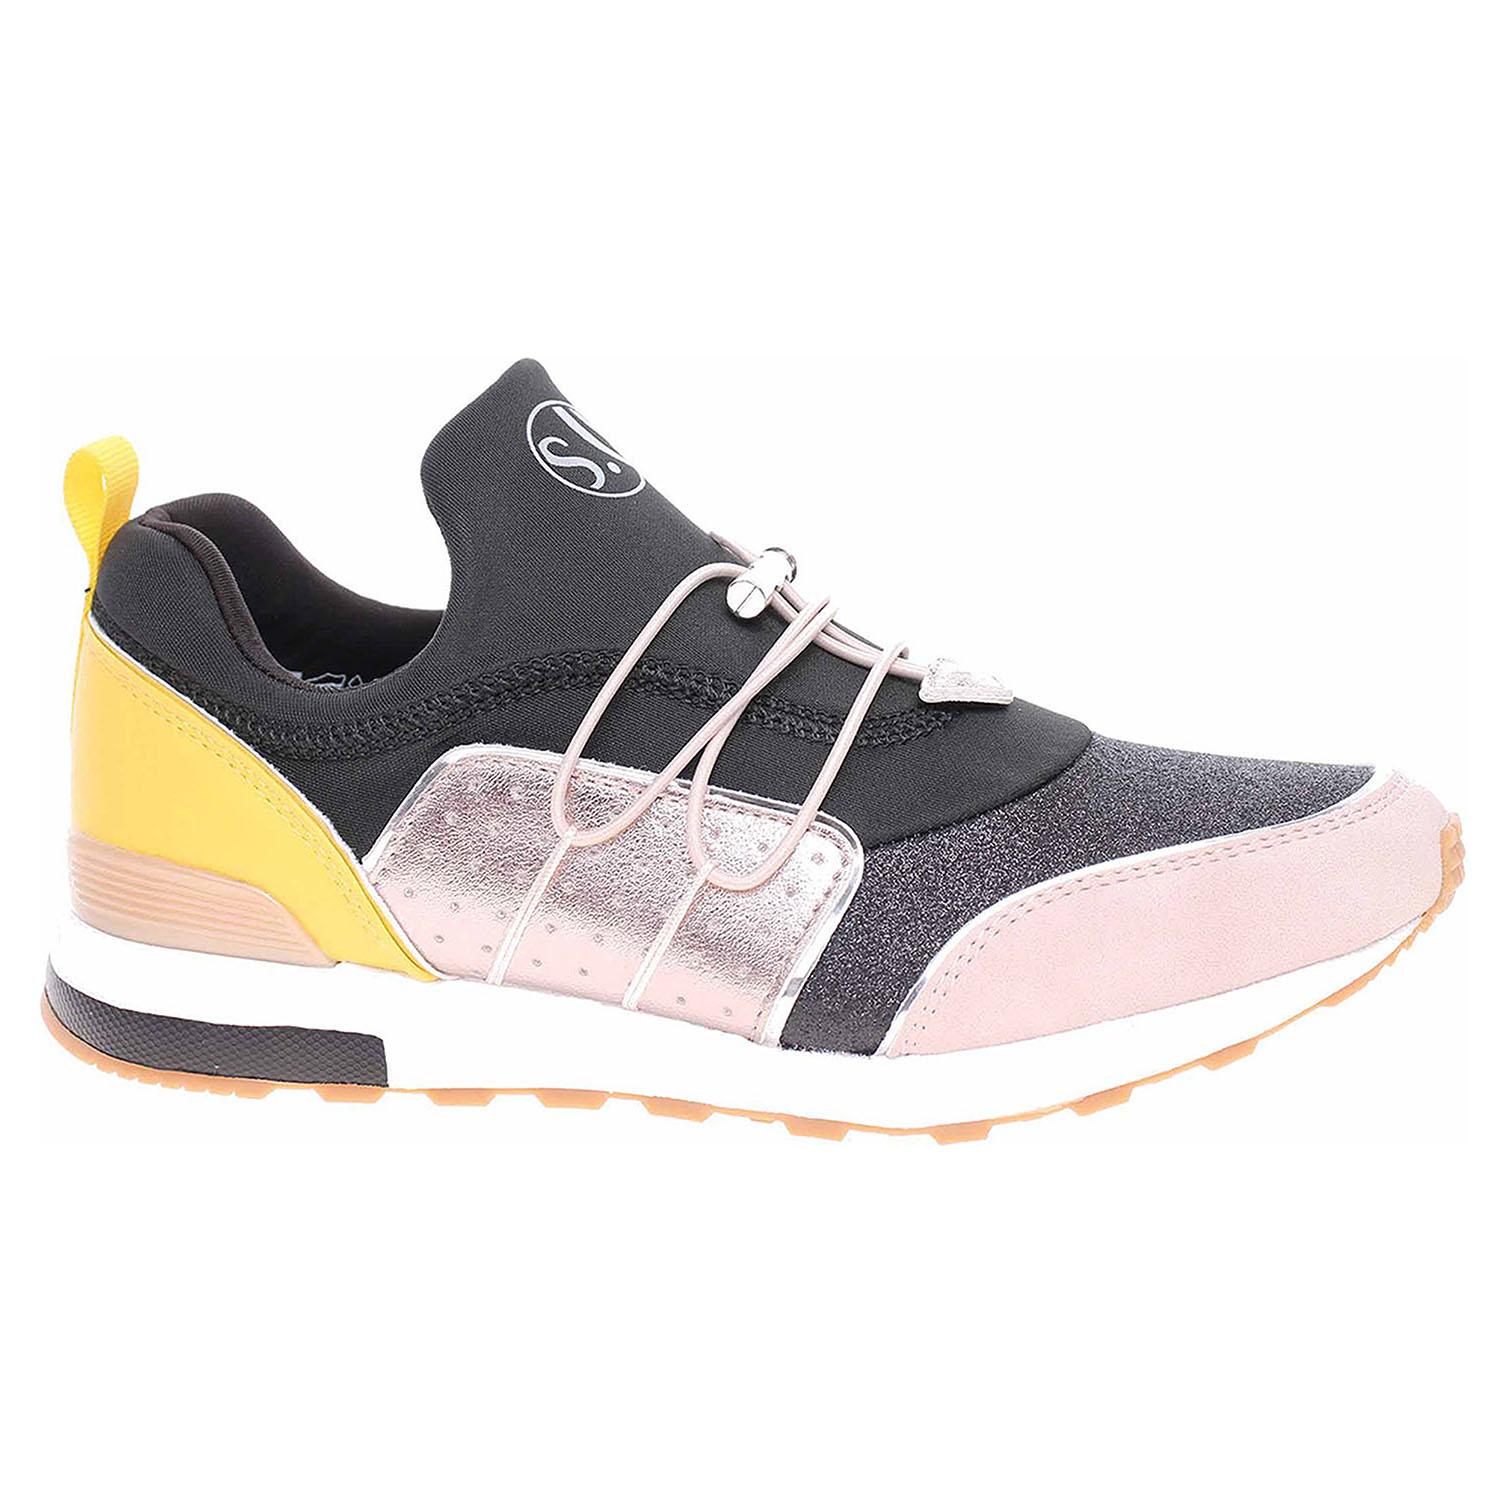 Dámská obuv s.Oliver -23613-24 black comb 5-5-23613-24 098 39